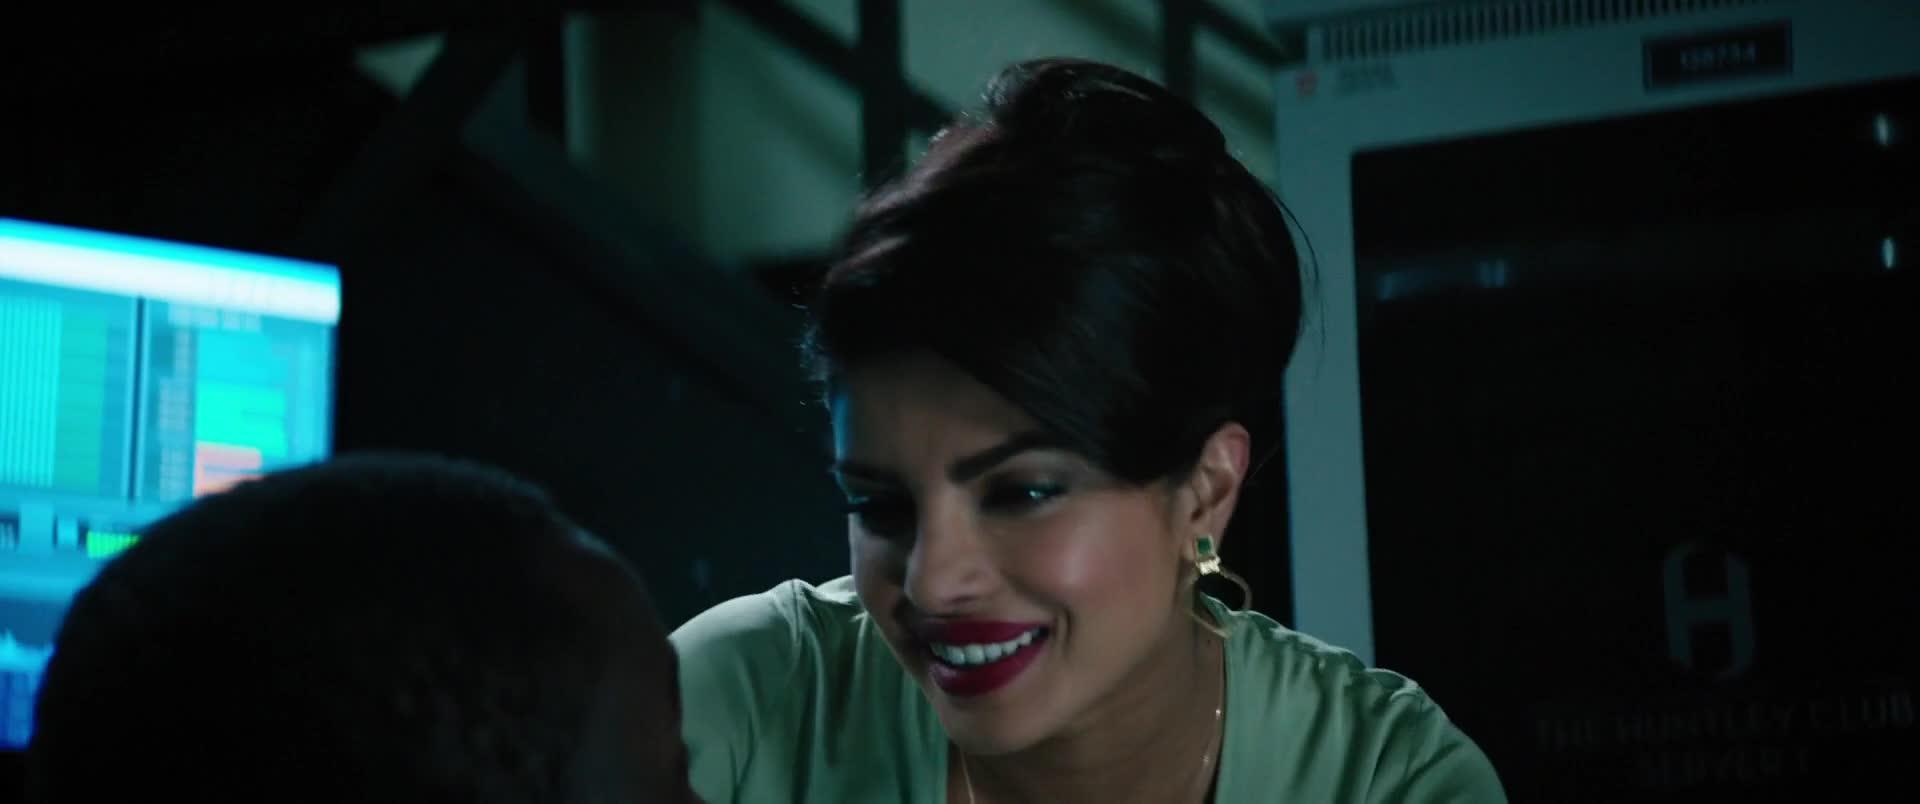 Priyanka Chopra screentime - baywatch 2017